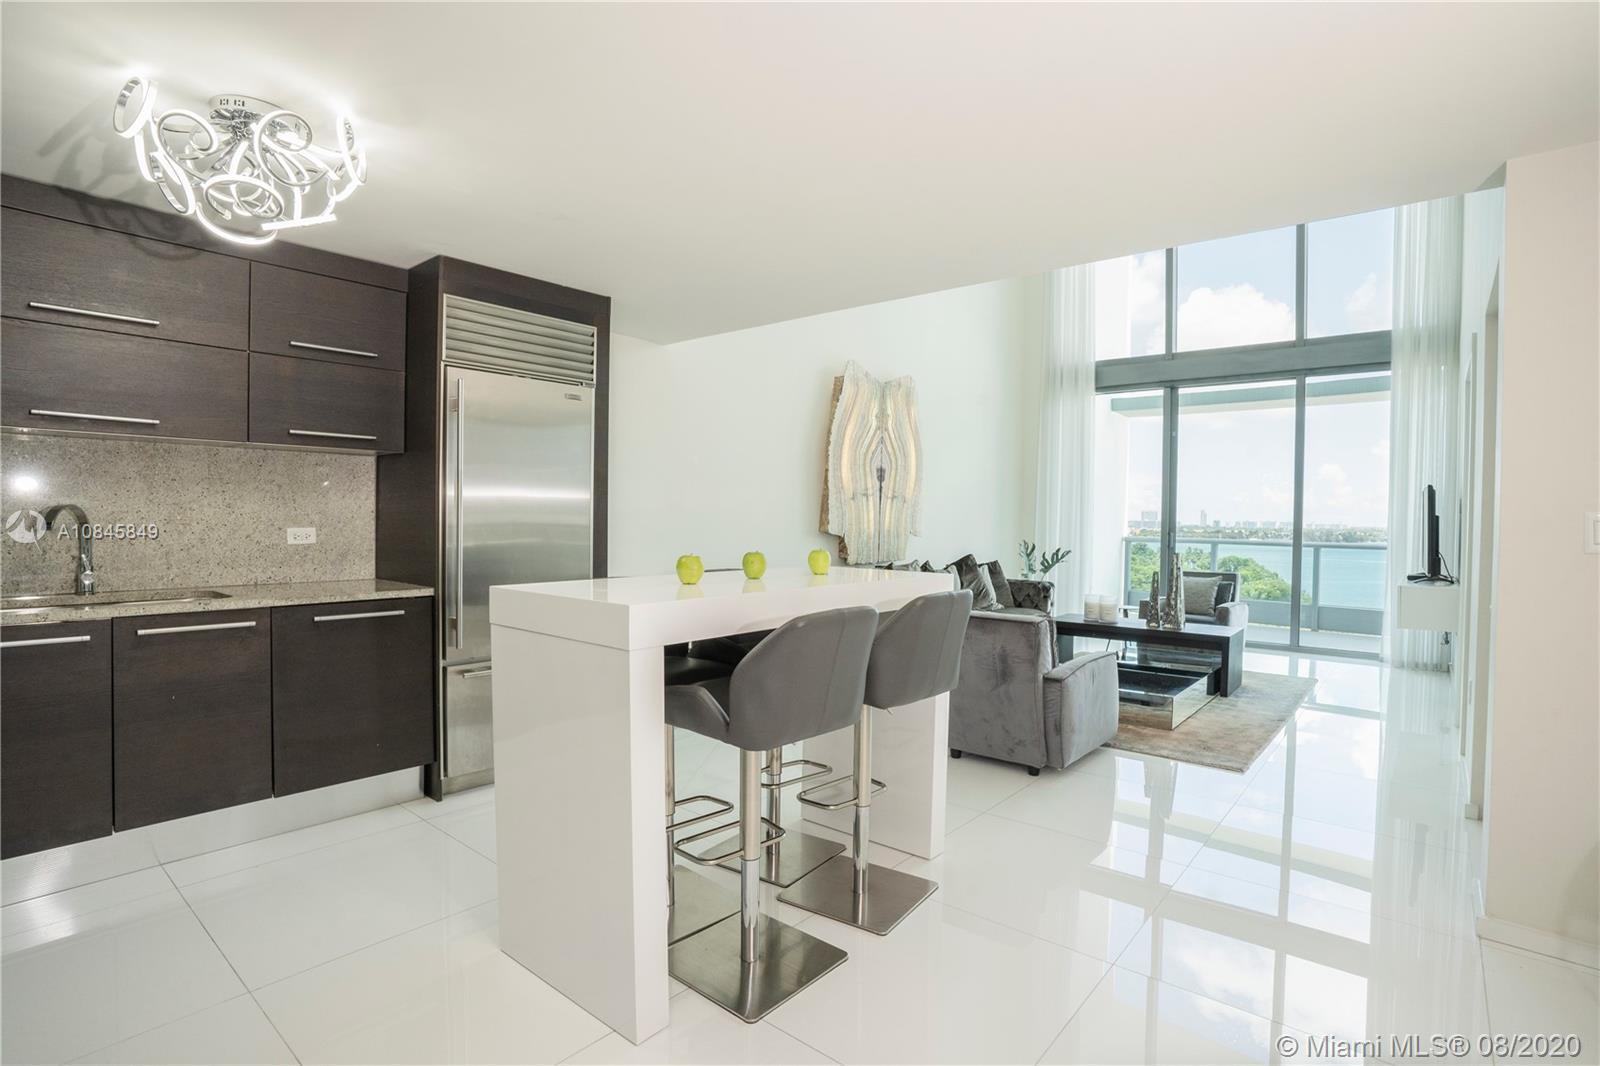 900 Biscayne Bay #903 - 900 Biscayne Blvd #903, Miami, FL 33132